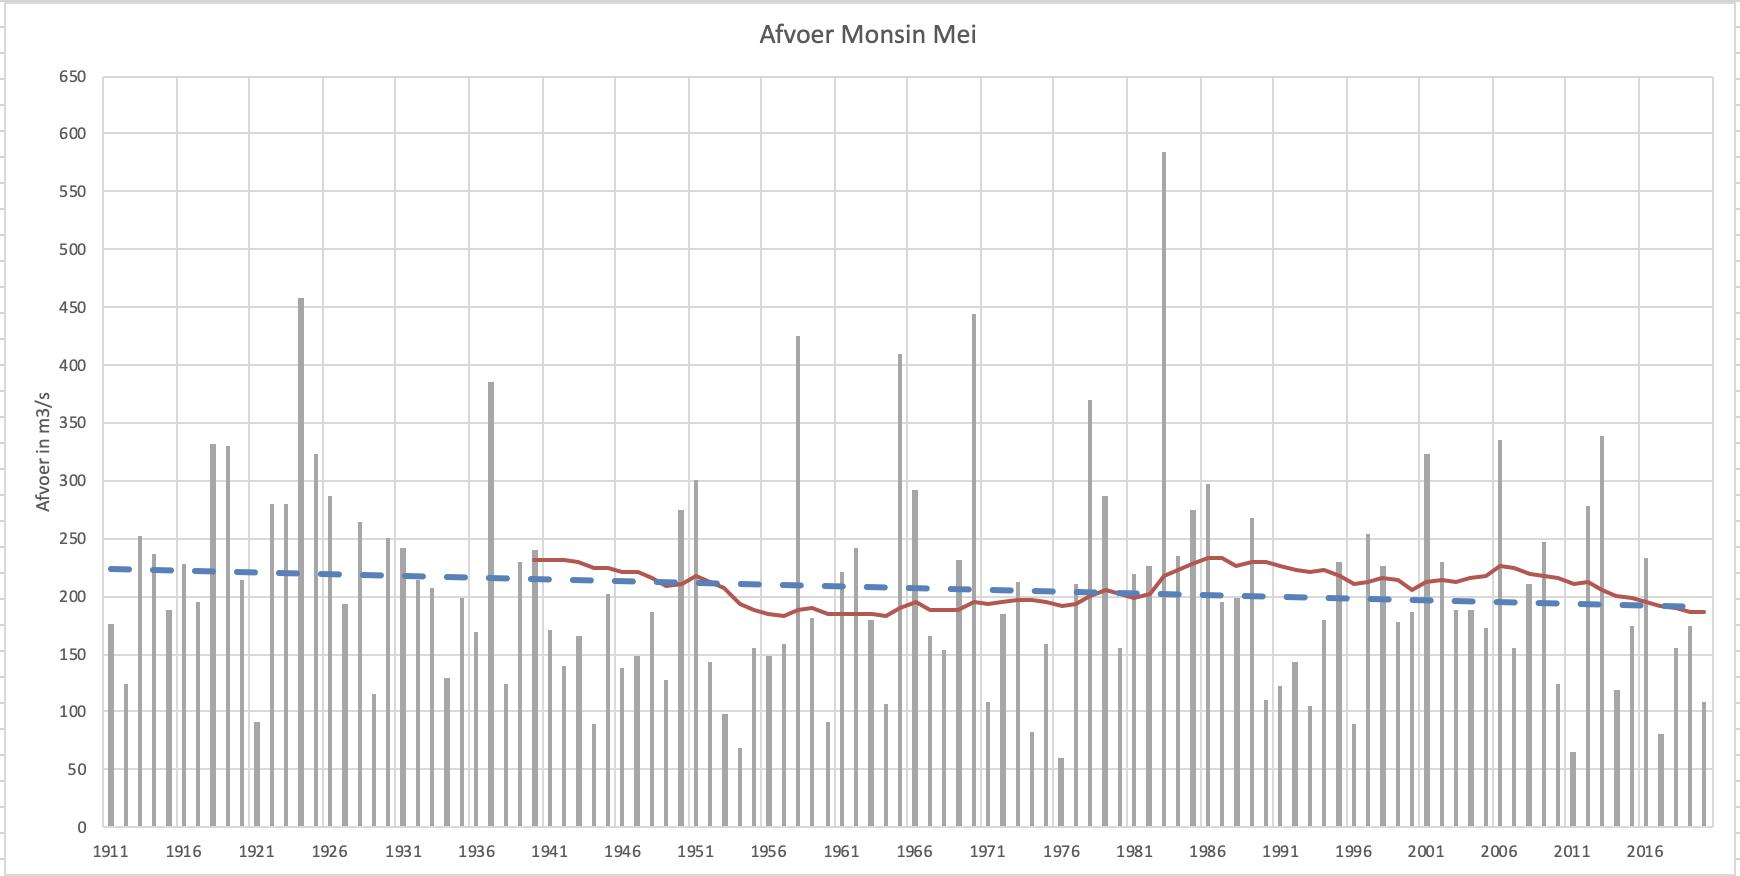 Maasavoer in mei bij Monsin met trendlijn en 30-jarig gemiddelde